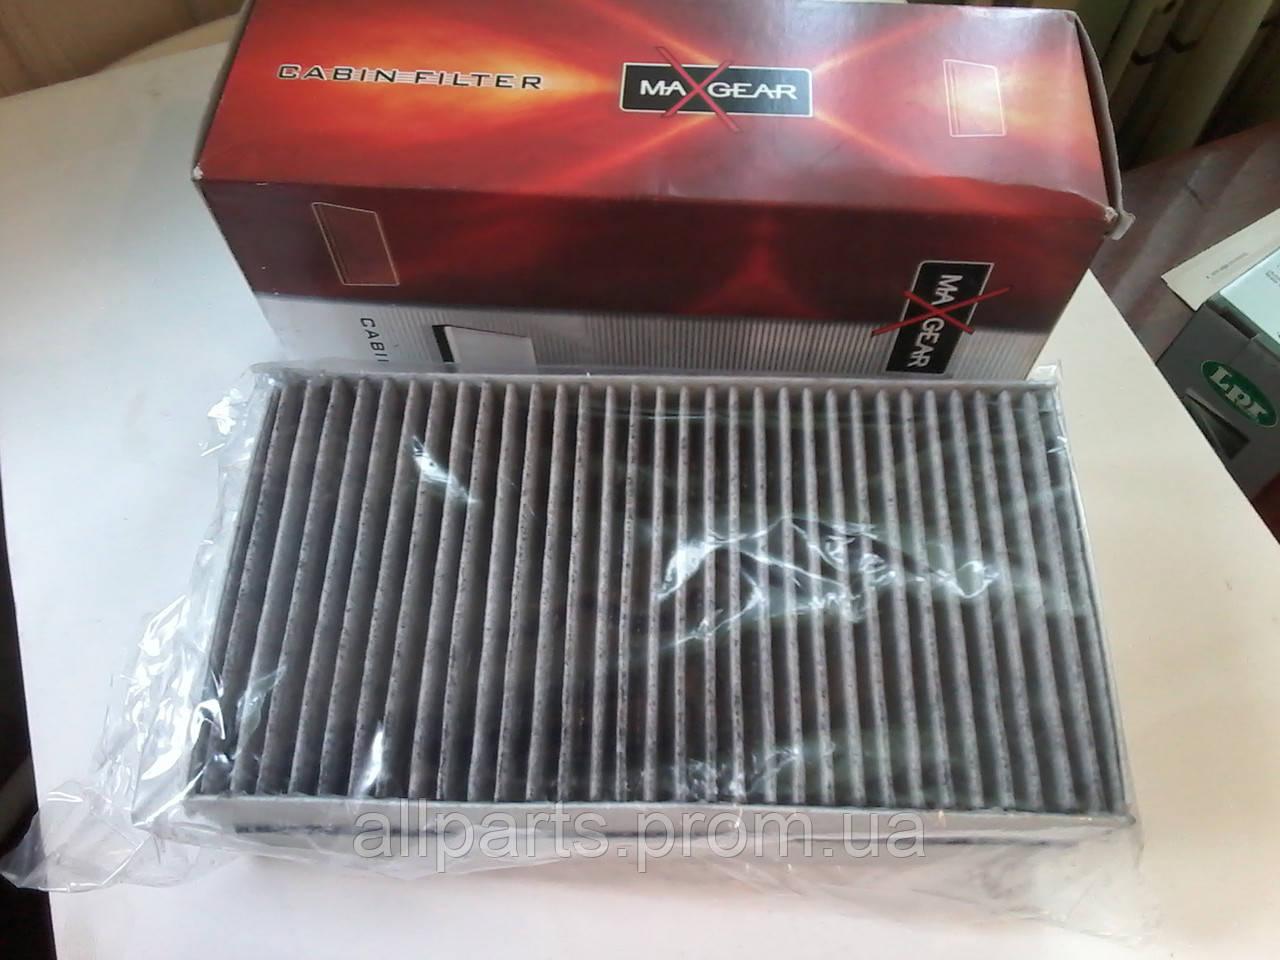 Фильтр Maxgear (страна производитель Польша) салона/кондиционера угольный